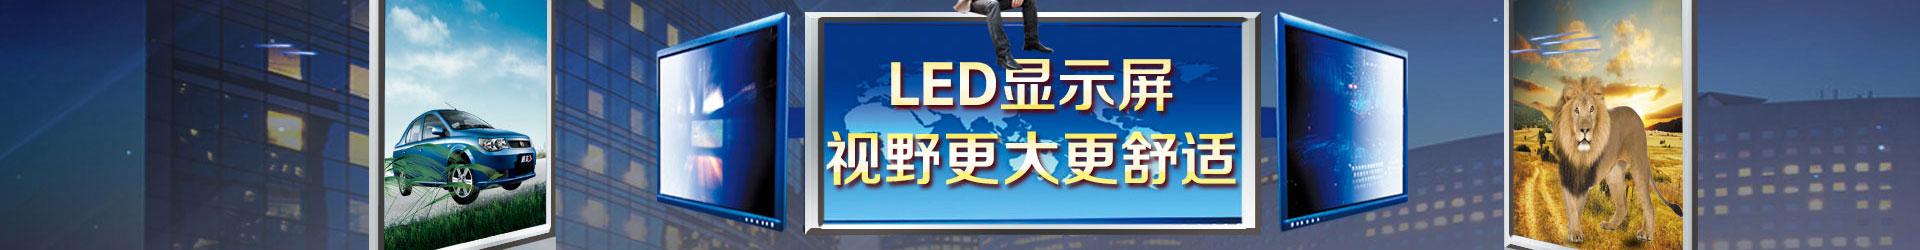 宁波led显示屏,宁波全彩led显示屏,宁波户外led显示屏